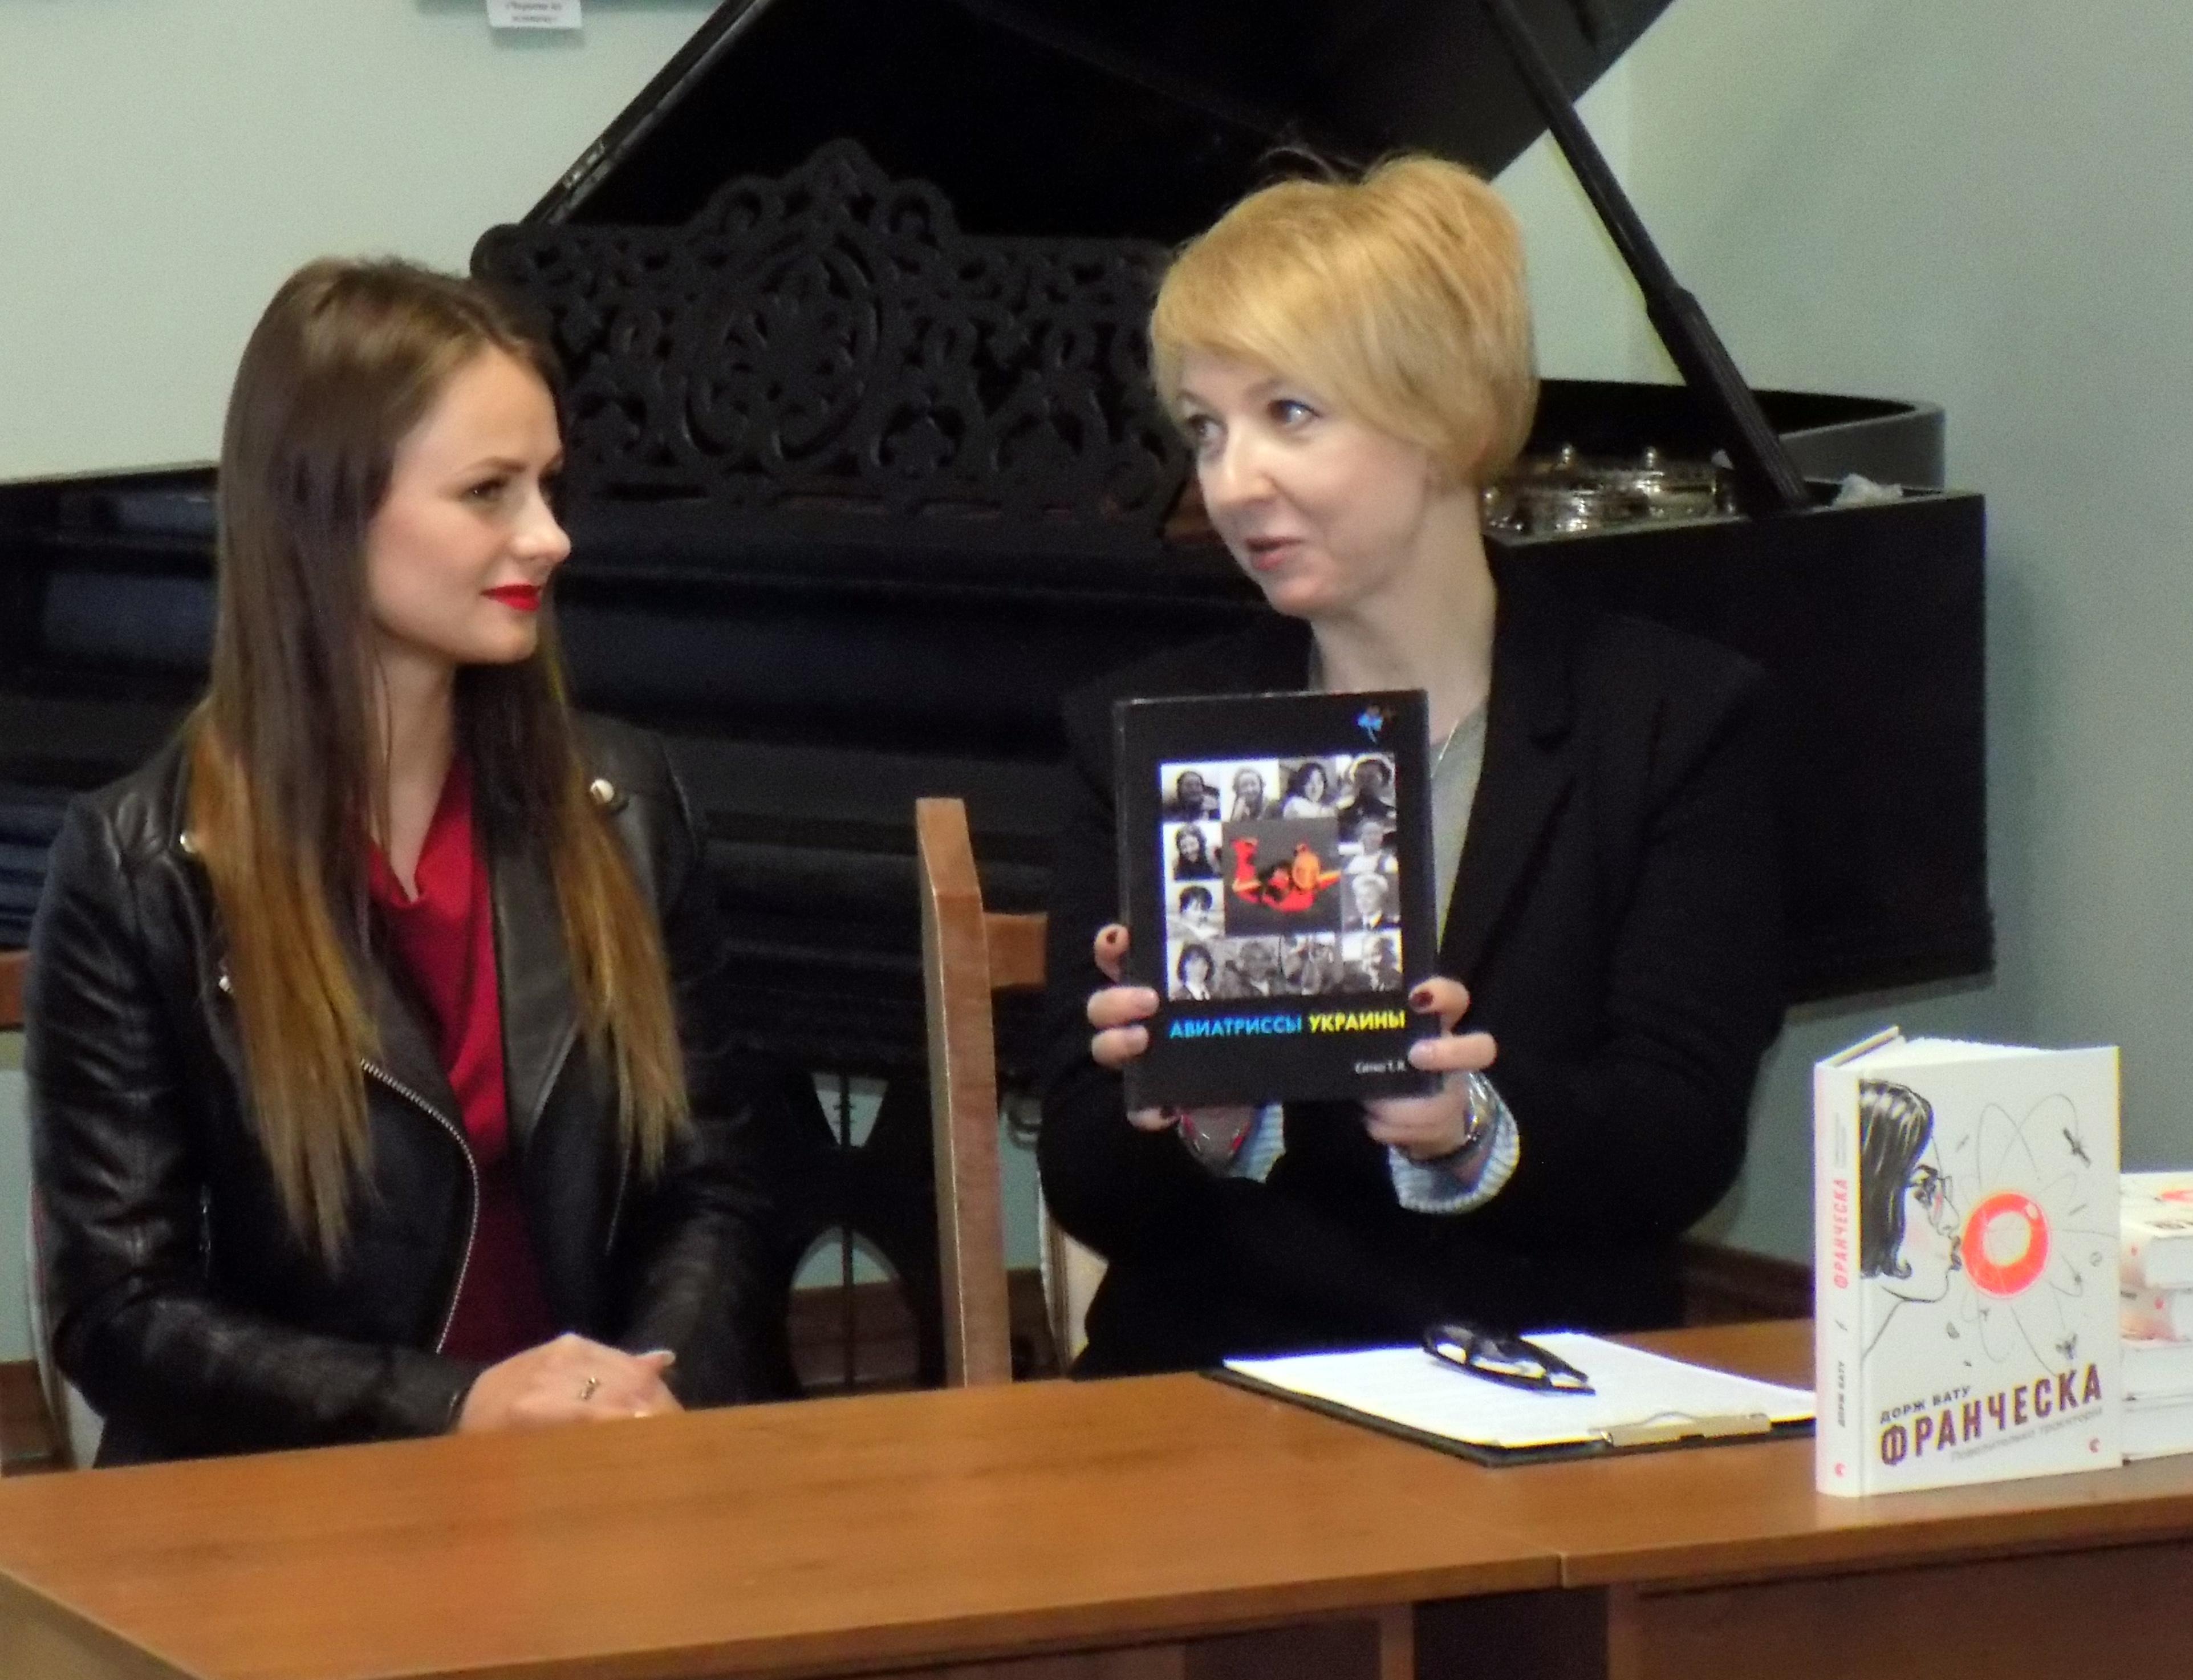 У Житомирі відбувся захід «Жінки незвичайних професій»